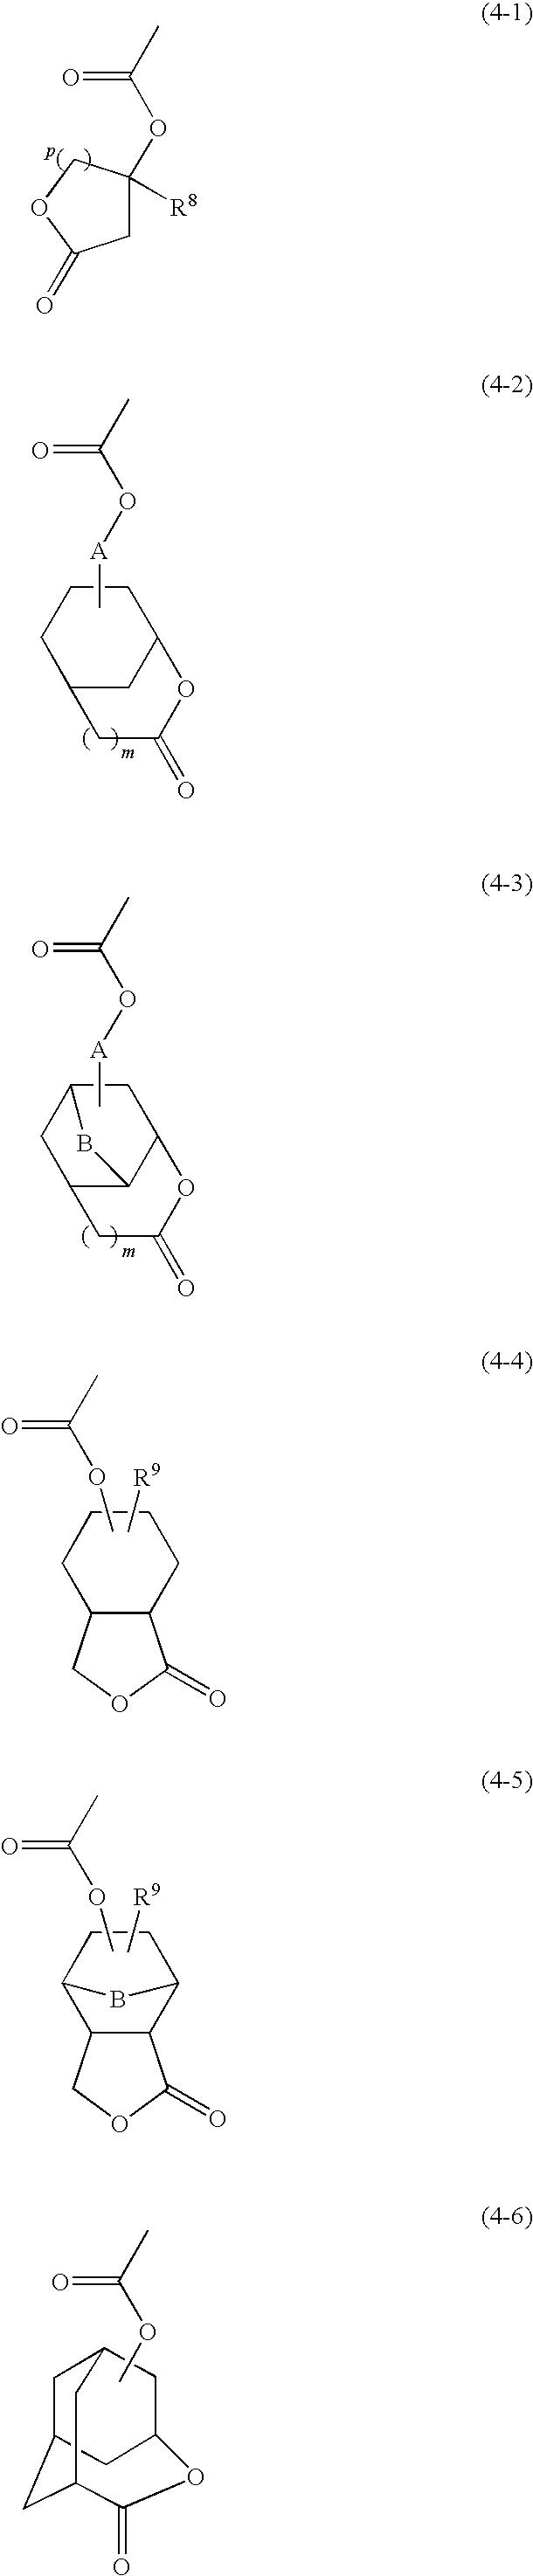 Figure US20100068650A1-20100318-C00007